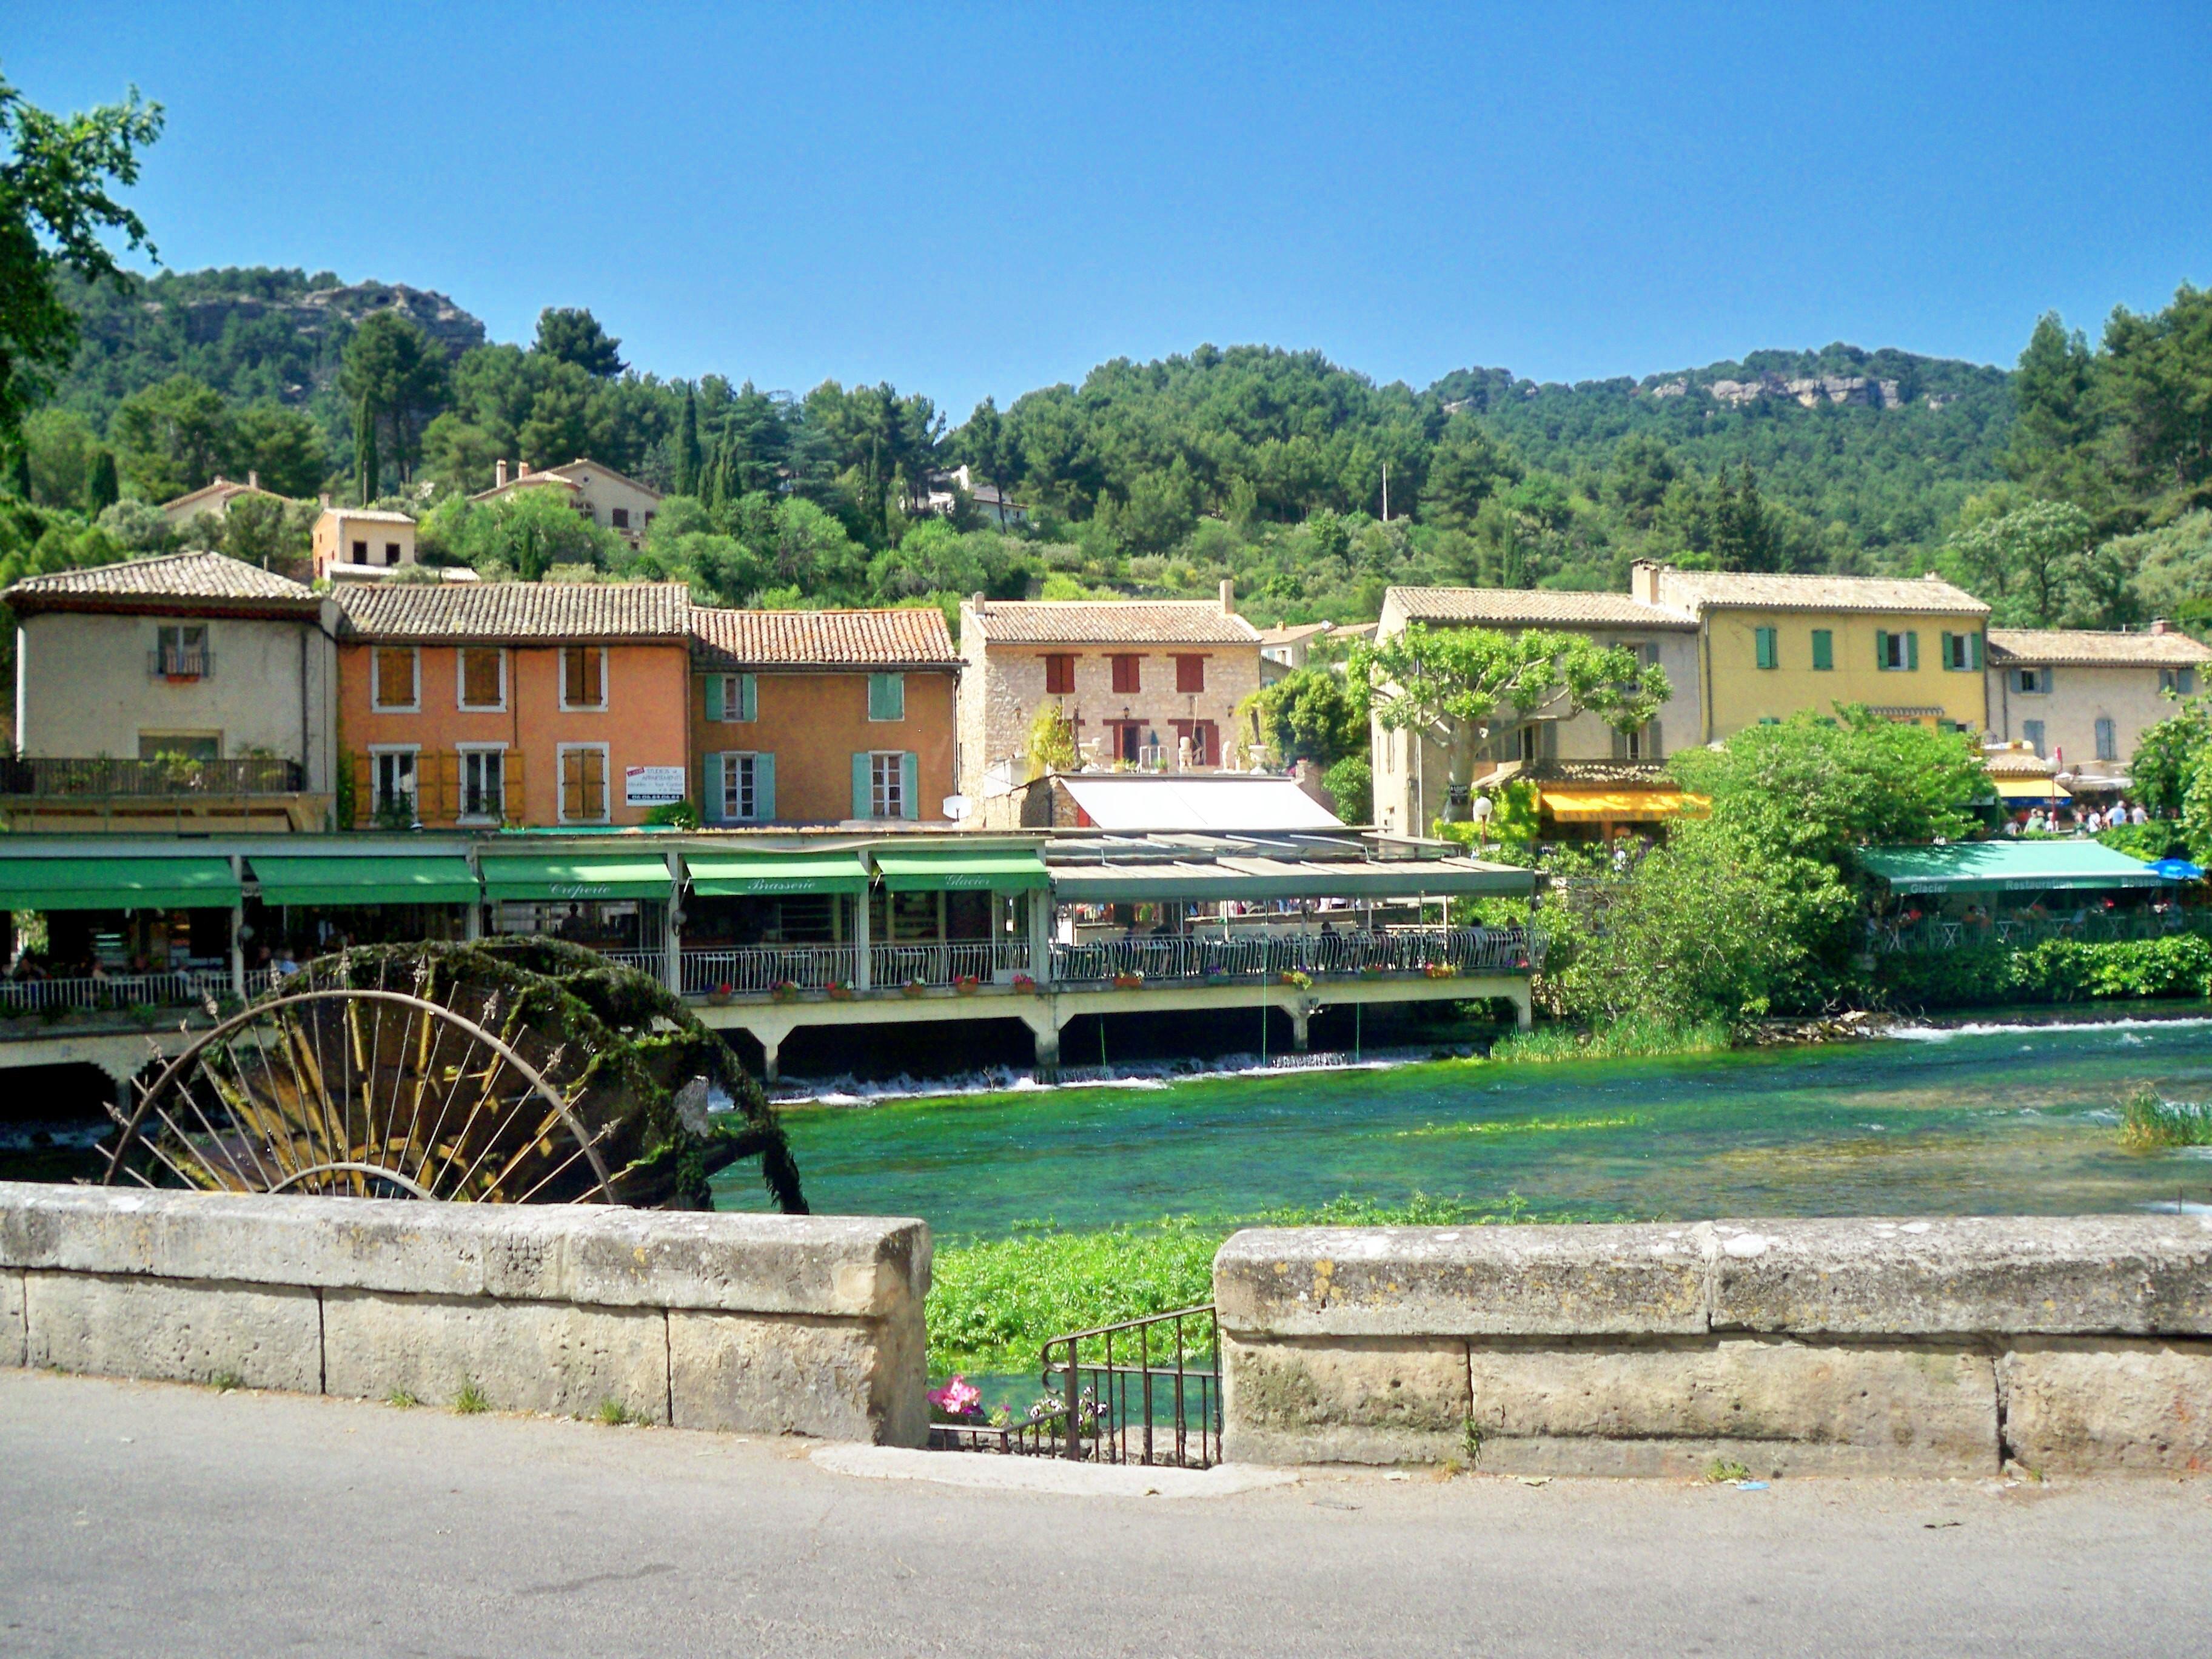 Fontaine_de_Vaucluse[1]